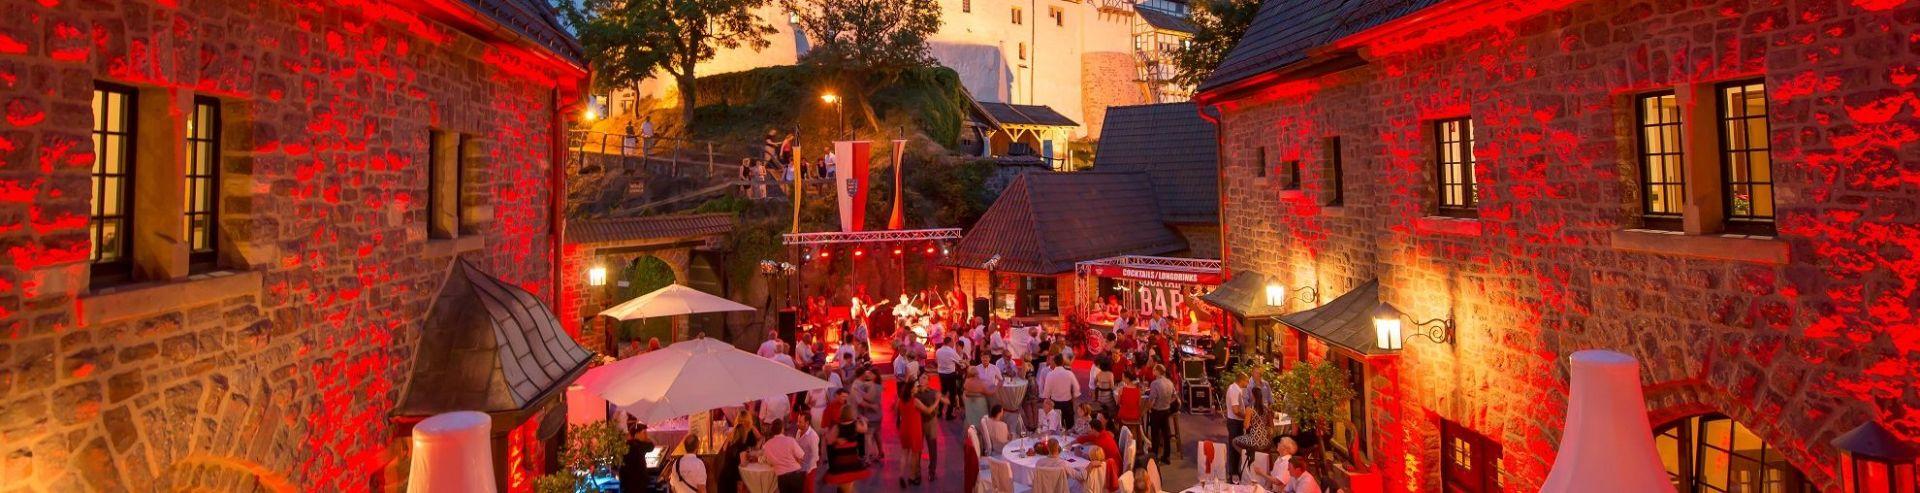 Bild zu Sommervergnügen auf der Wartburg - Die Ballnacht für alle Sinne